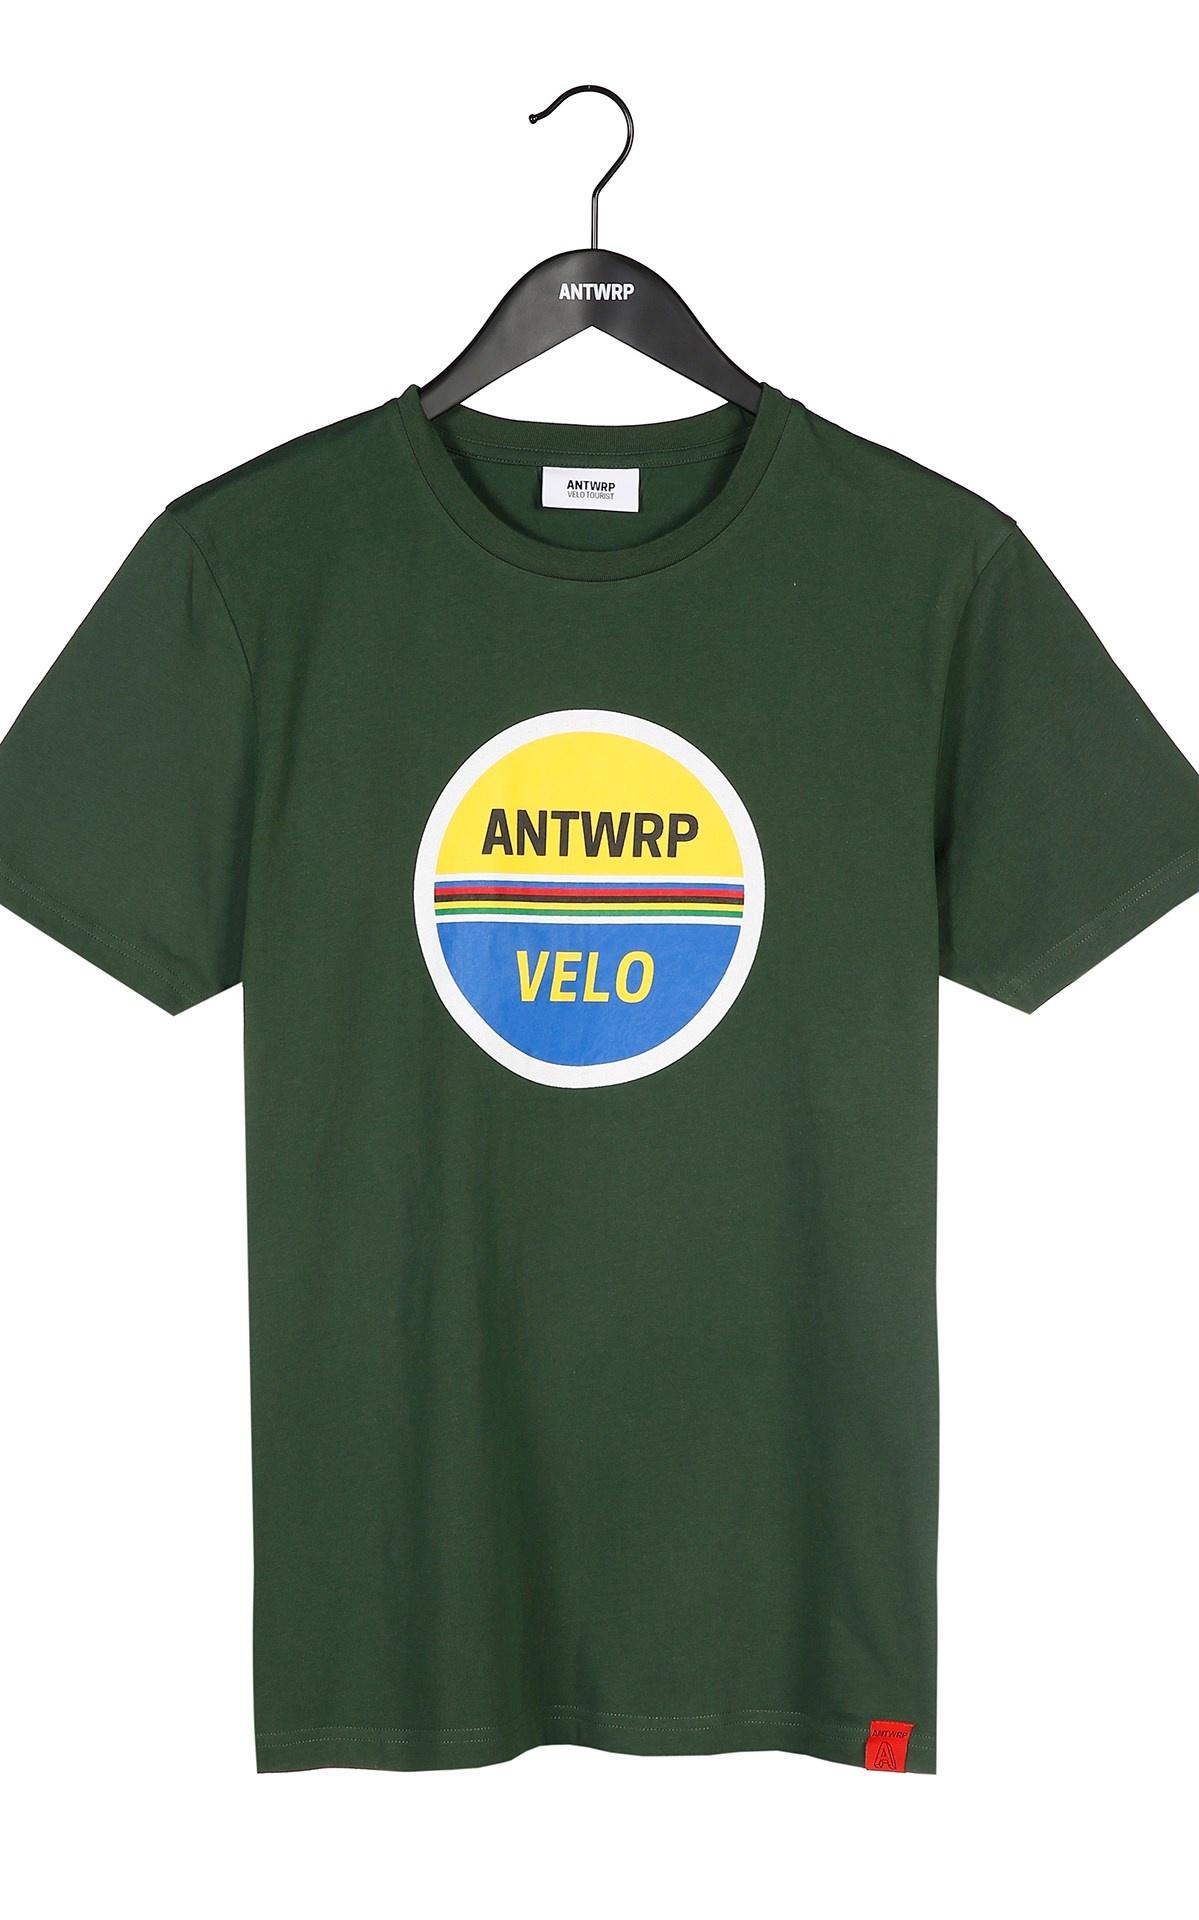 Antwrp T-shirt Antwrp 2002-BTS001-L001-004